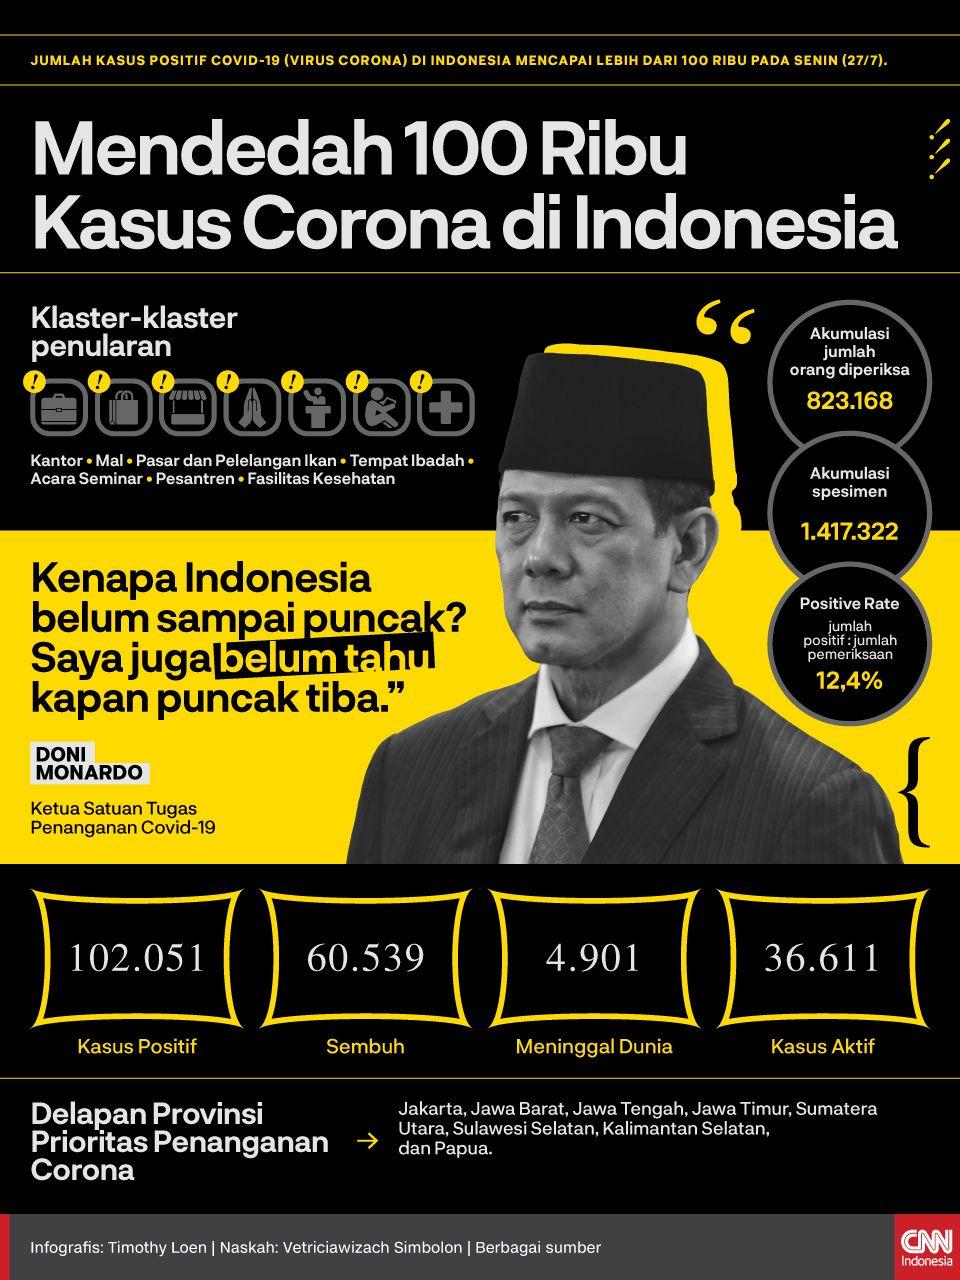 Infografis Mendedah 100 Ribu Kasus Corona di Indonesia